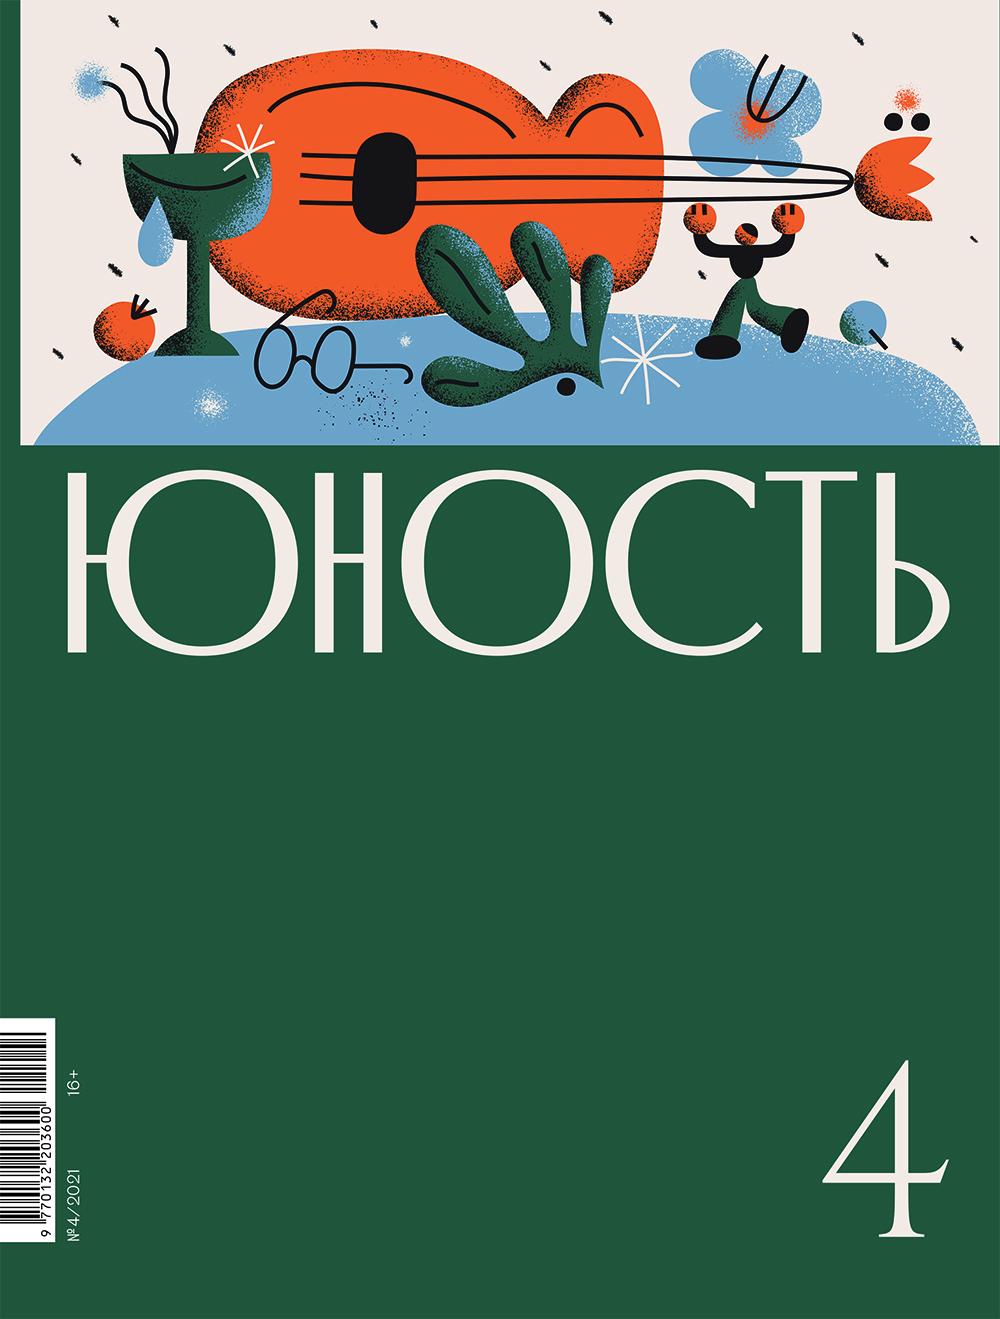 Содержание апрельского номера журнала «Юность»